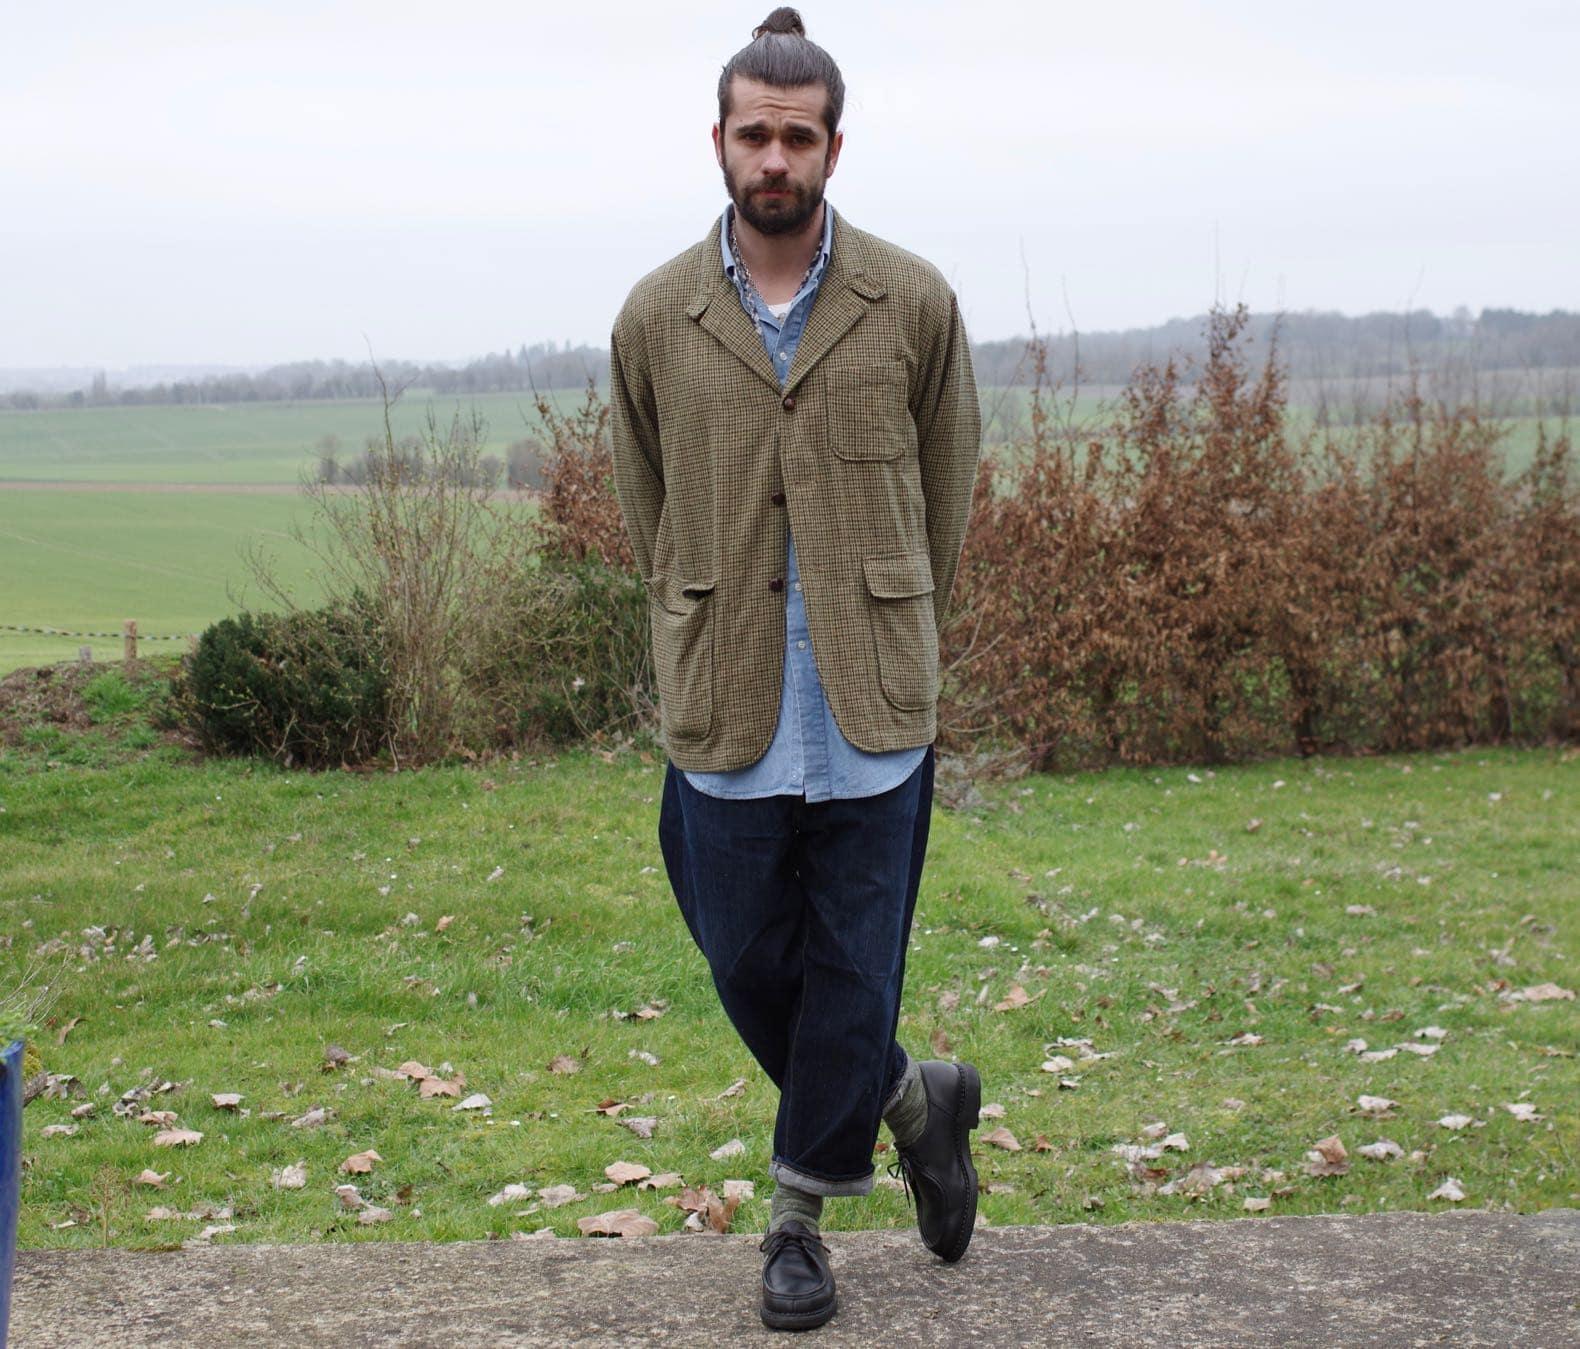 comment bien porter un motif pied de poule dans une tenue homme